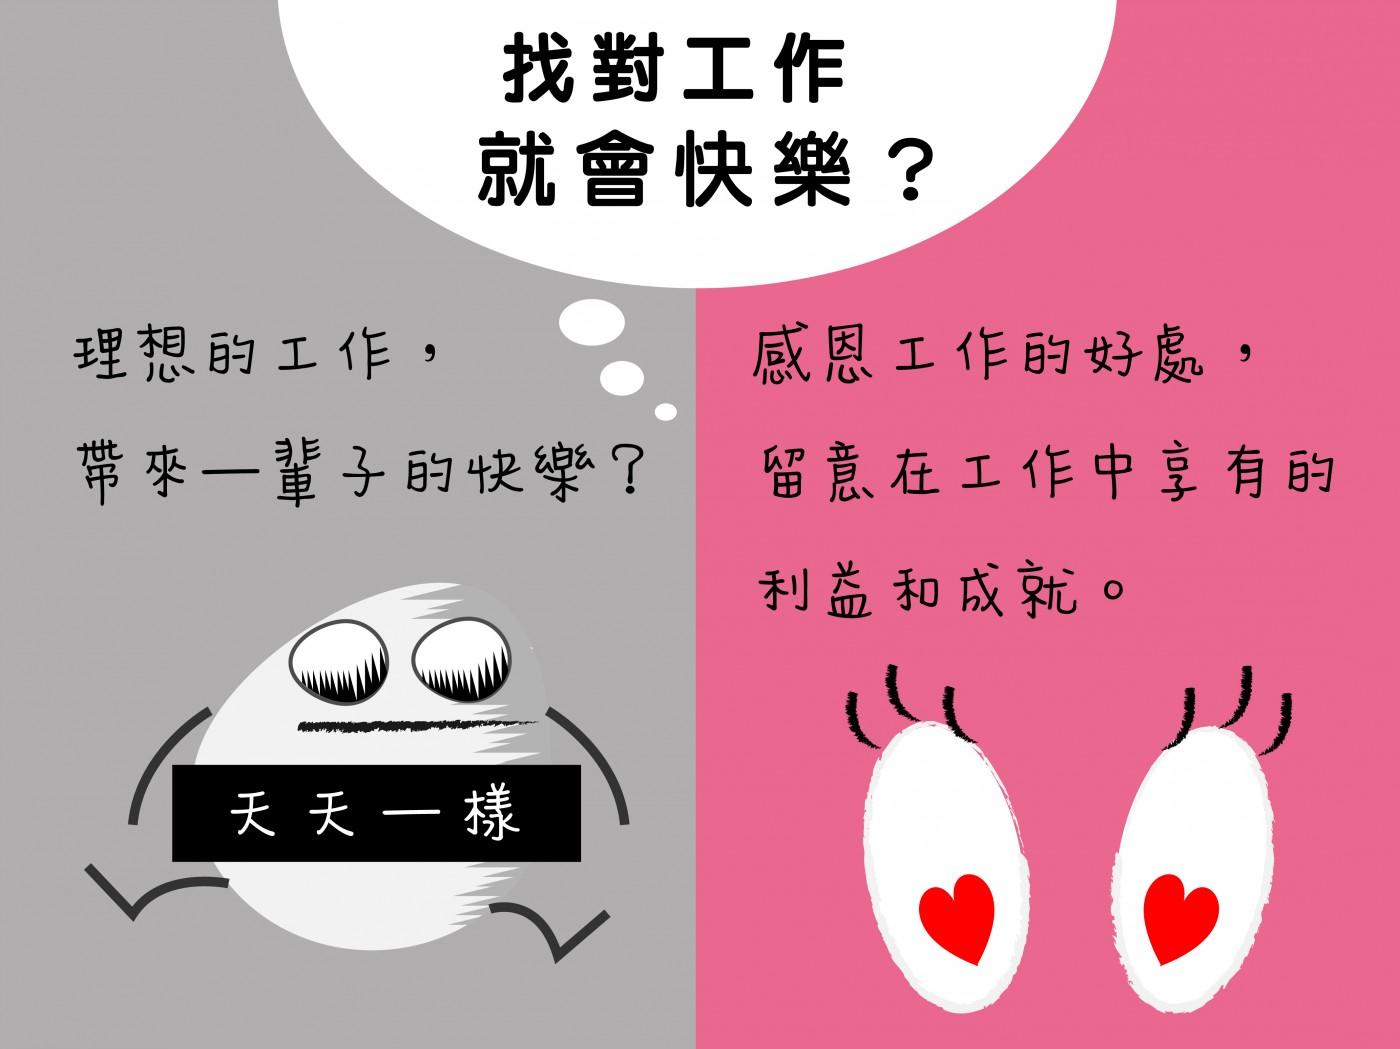 快樂是一種選擇!5 張圖破解現代生活的迷思,幫你找到快樂的真諦 - 華安 - ceo.lin的博客